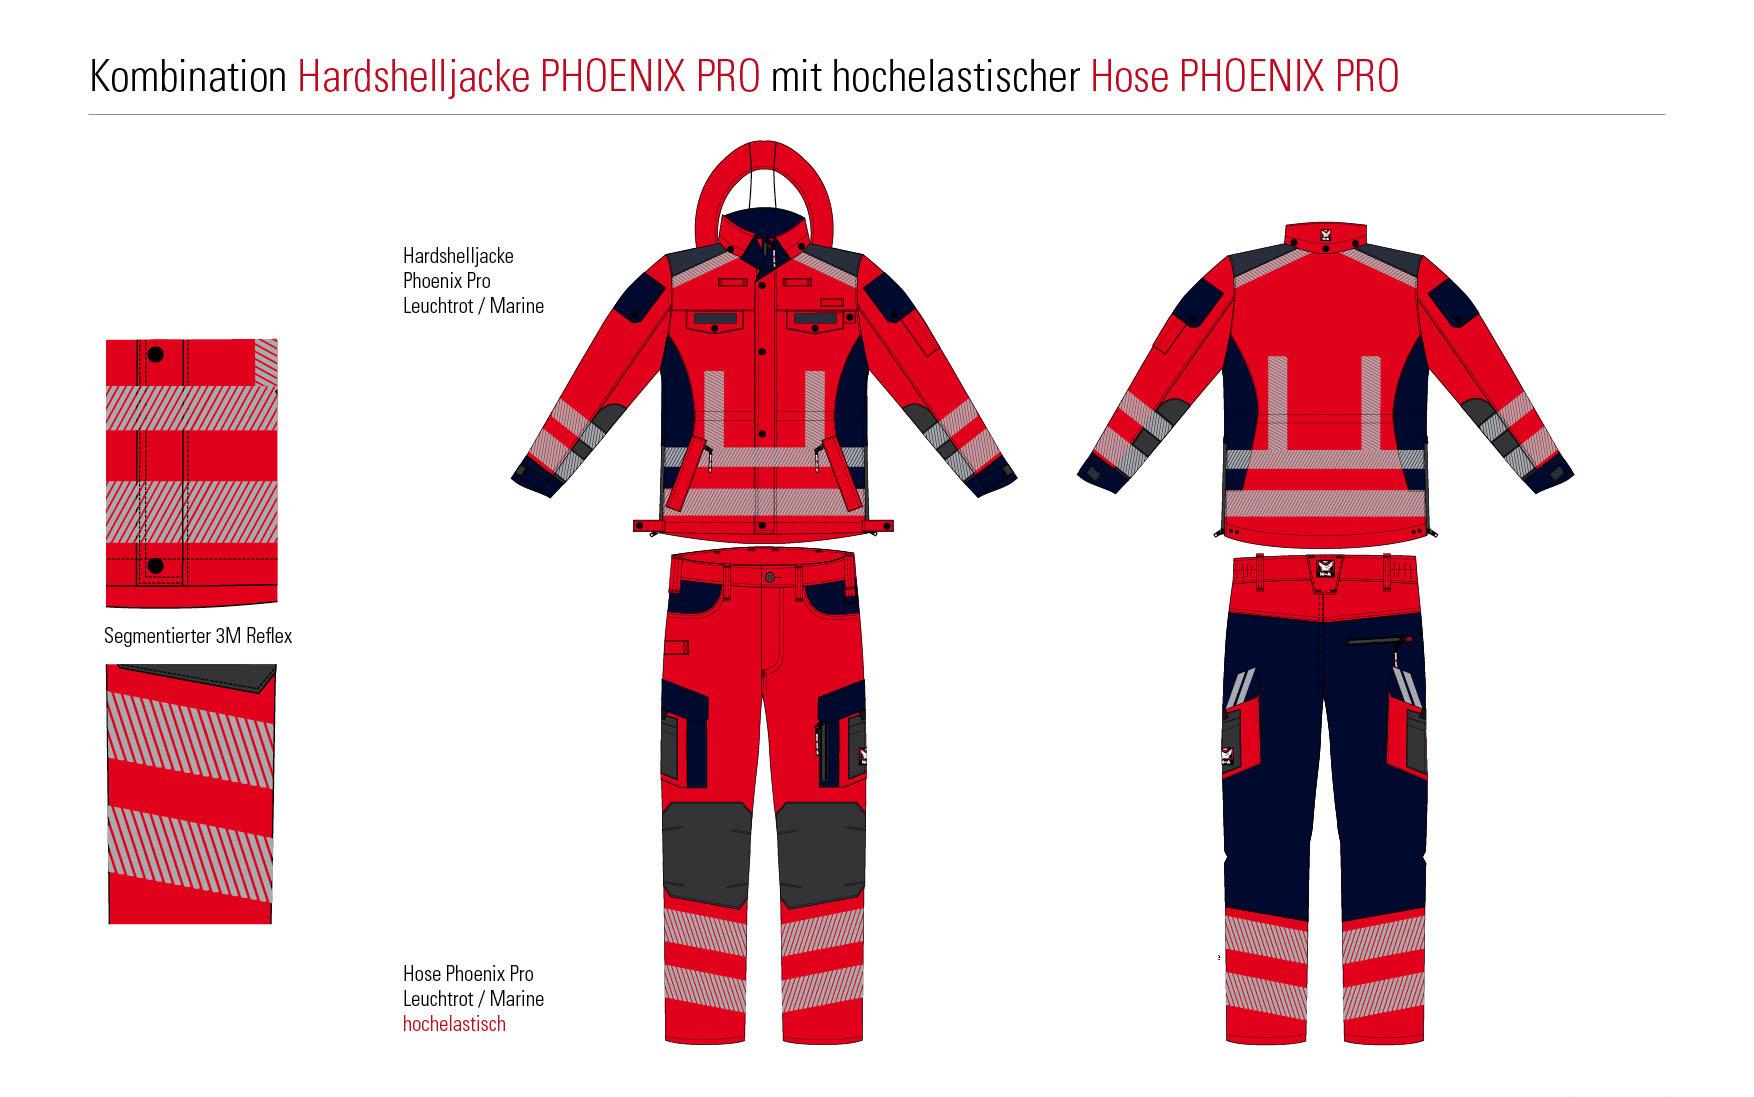 1Kombi-Phoenix-Pro-20214